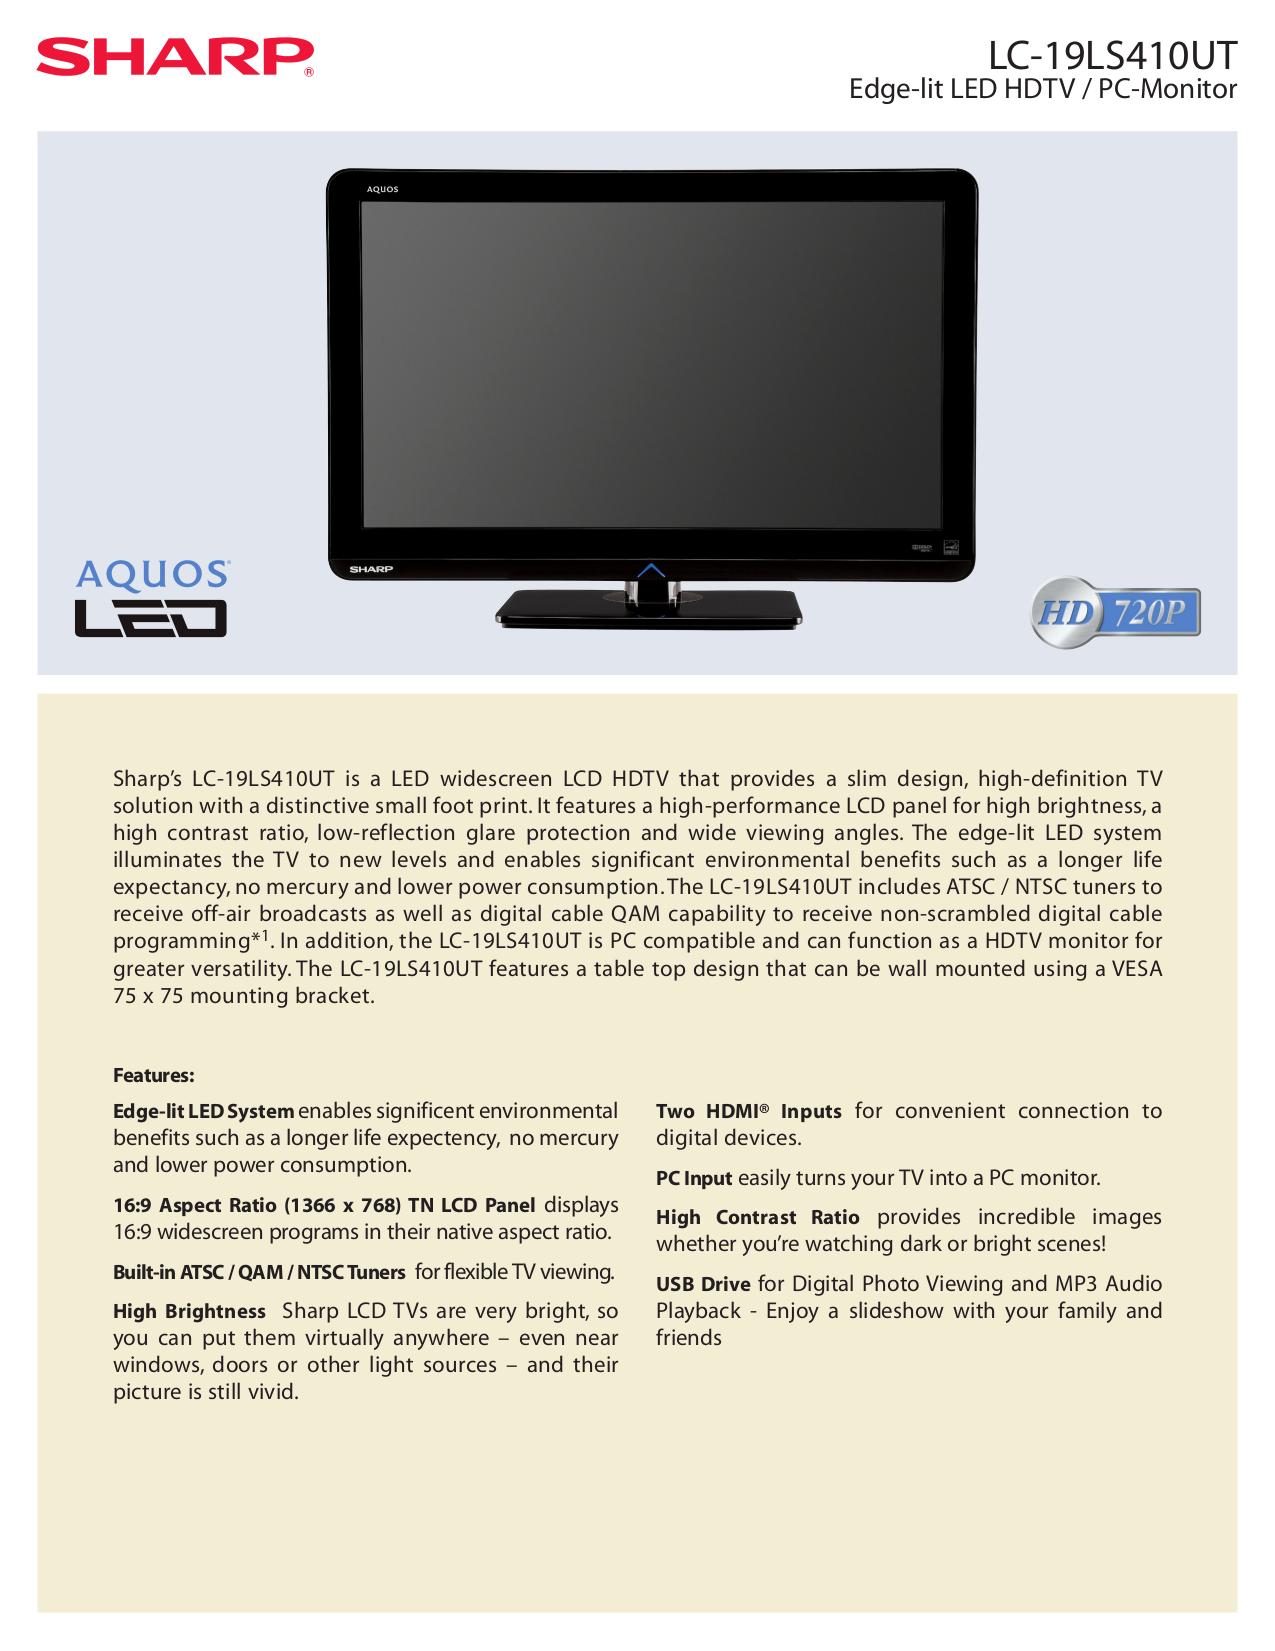 pdf for Sharp TV AQUOS LC-19LS410UT manual